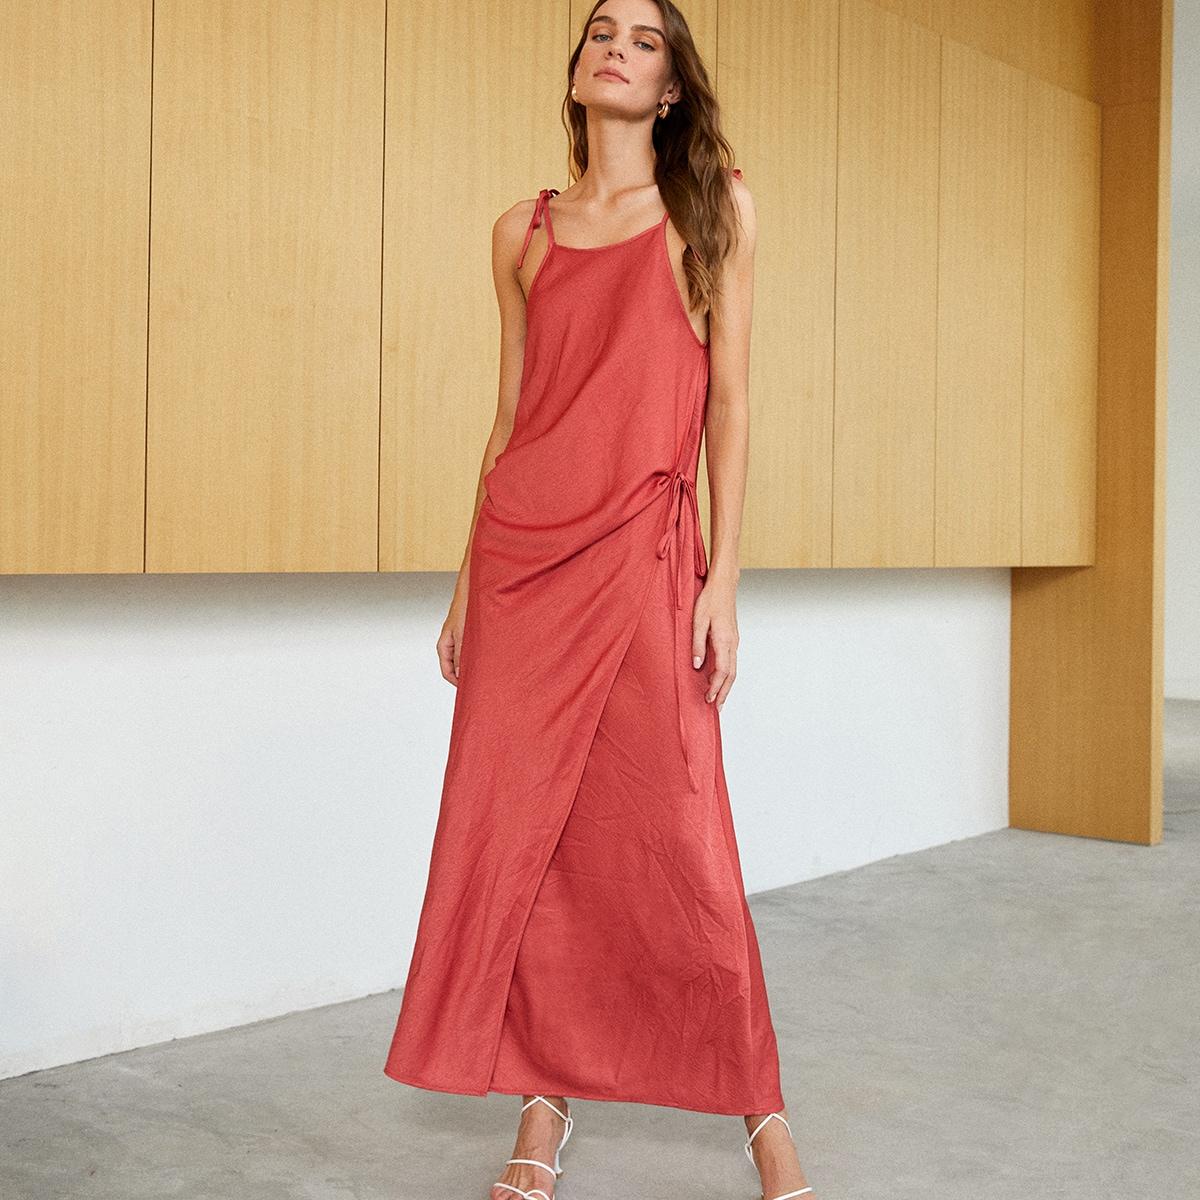 Slit Hem Tie Side Cami Dress, SHEIN  - buy with discount